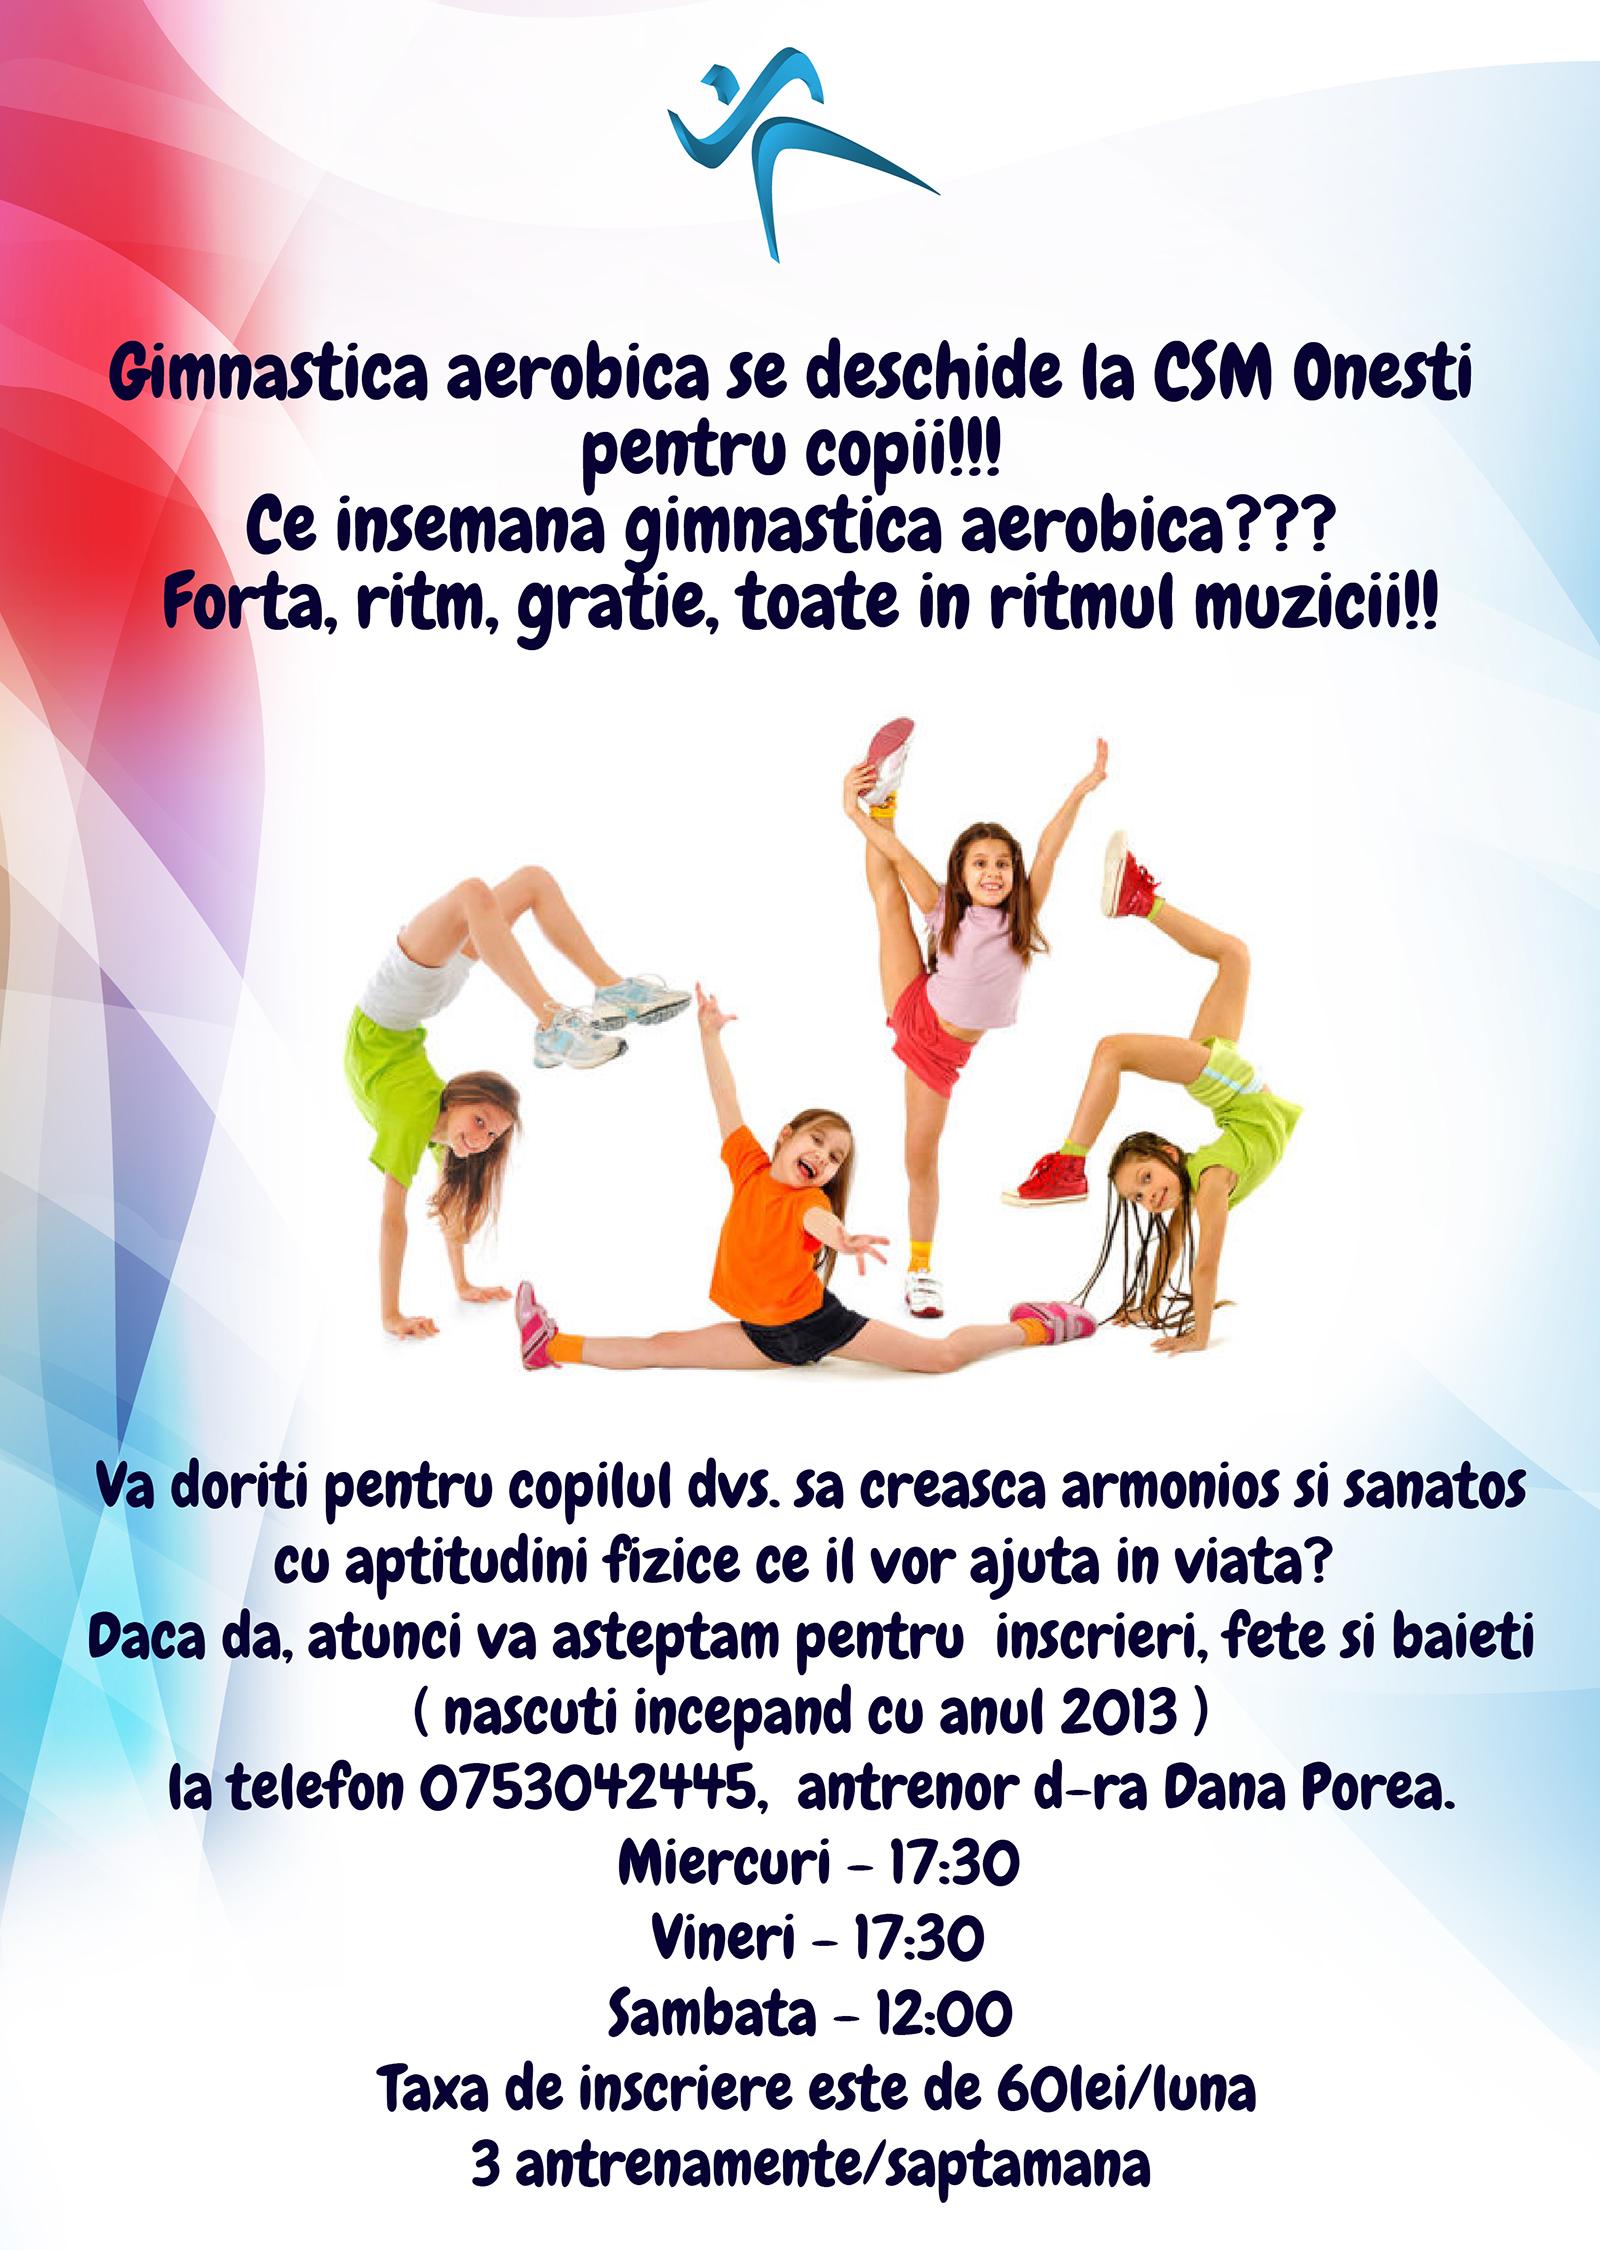 Gimnastica aerobica se deschide la CSM Onesti pentru copii!!!